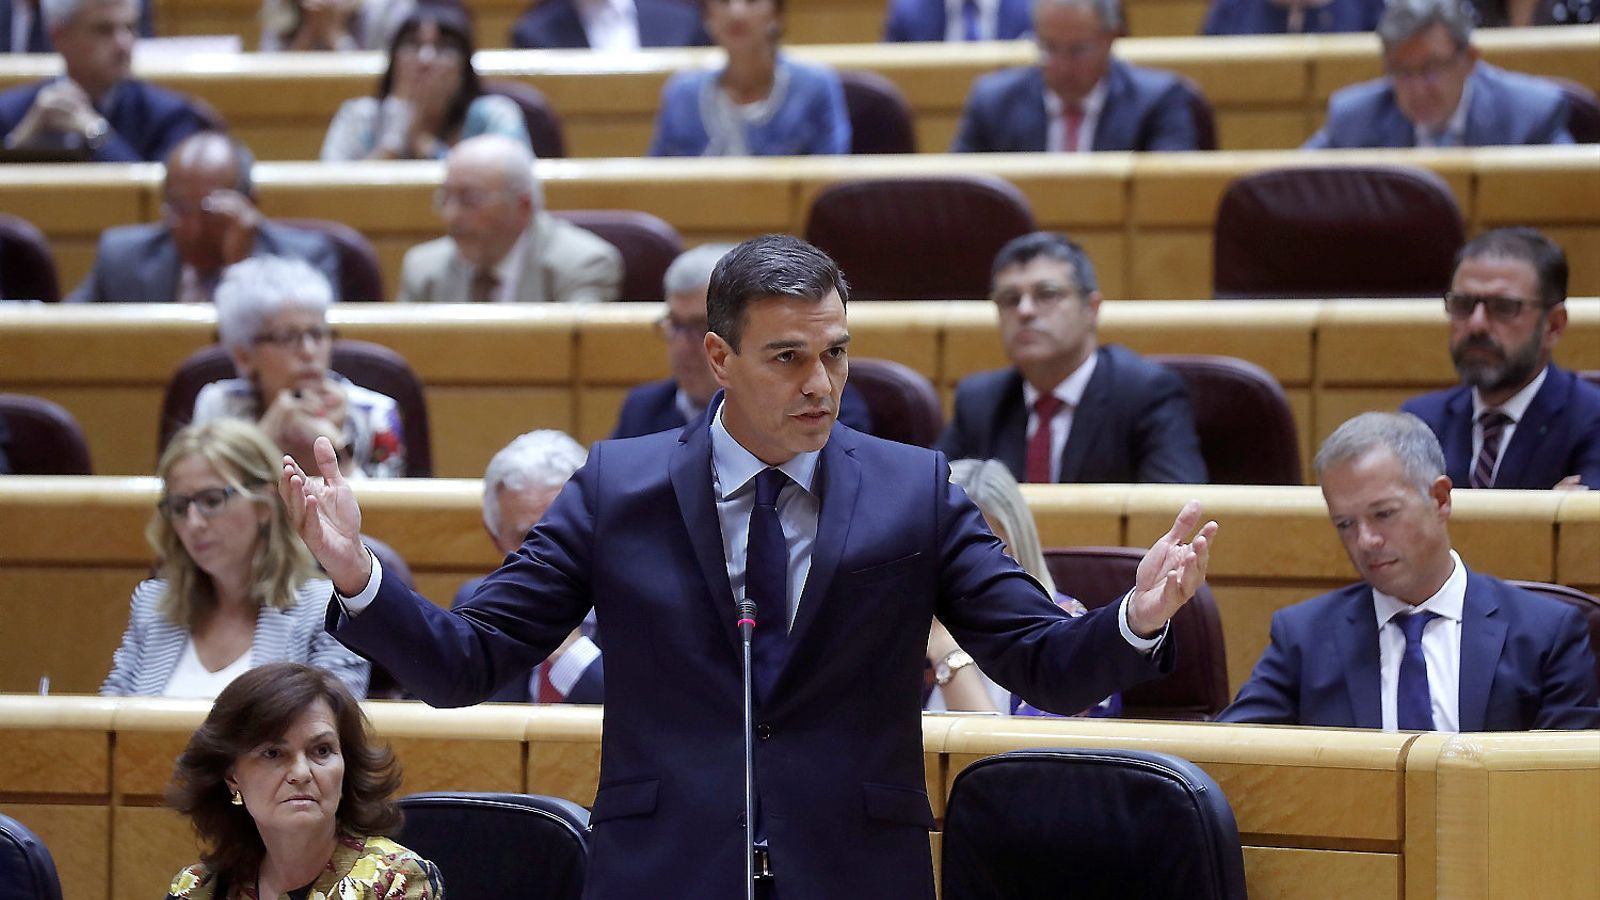 """Sánchez: """"Les raons que justifiquen la vaga de fam no són certes perquè els presos tindran un judici just"""""""